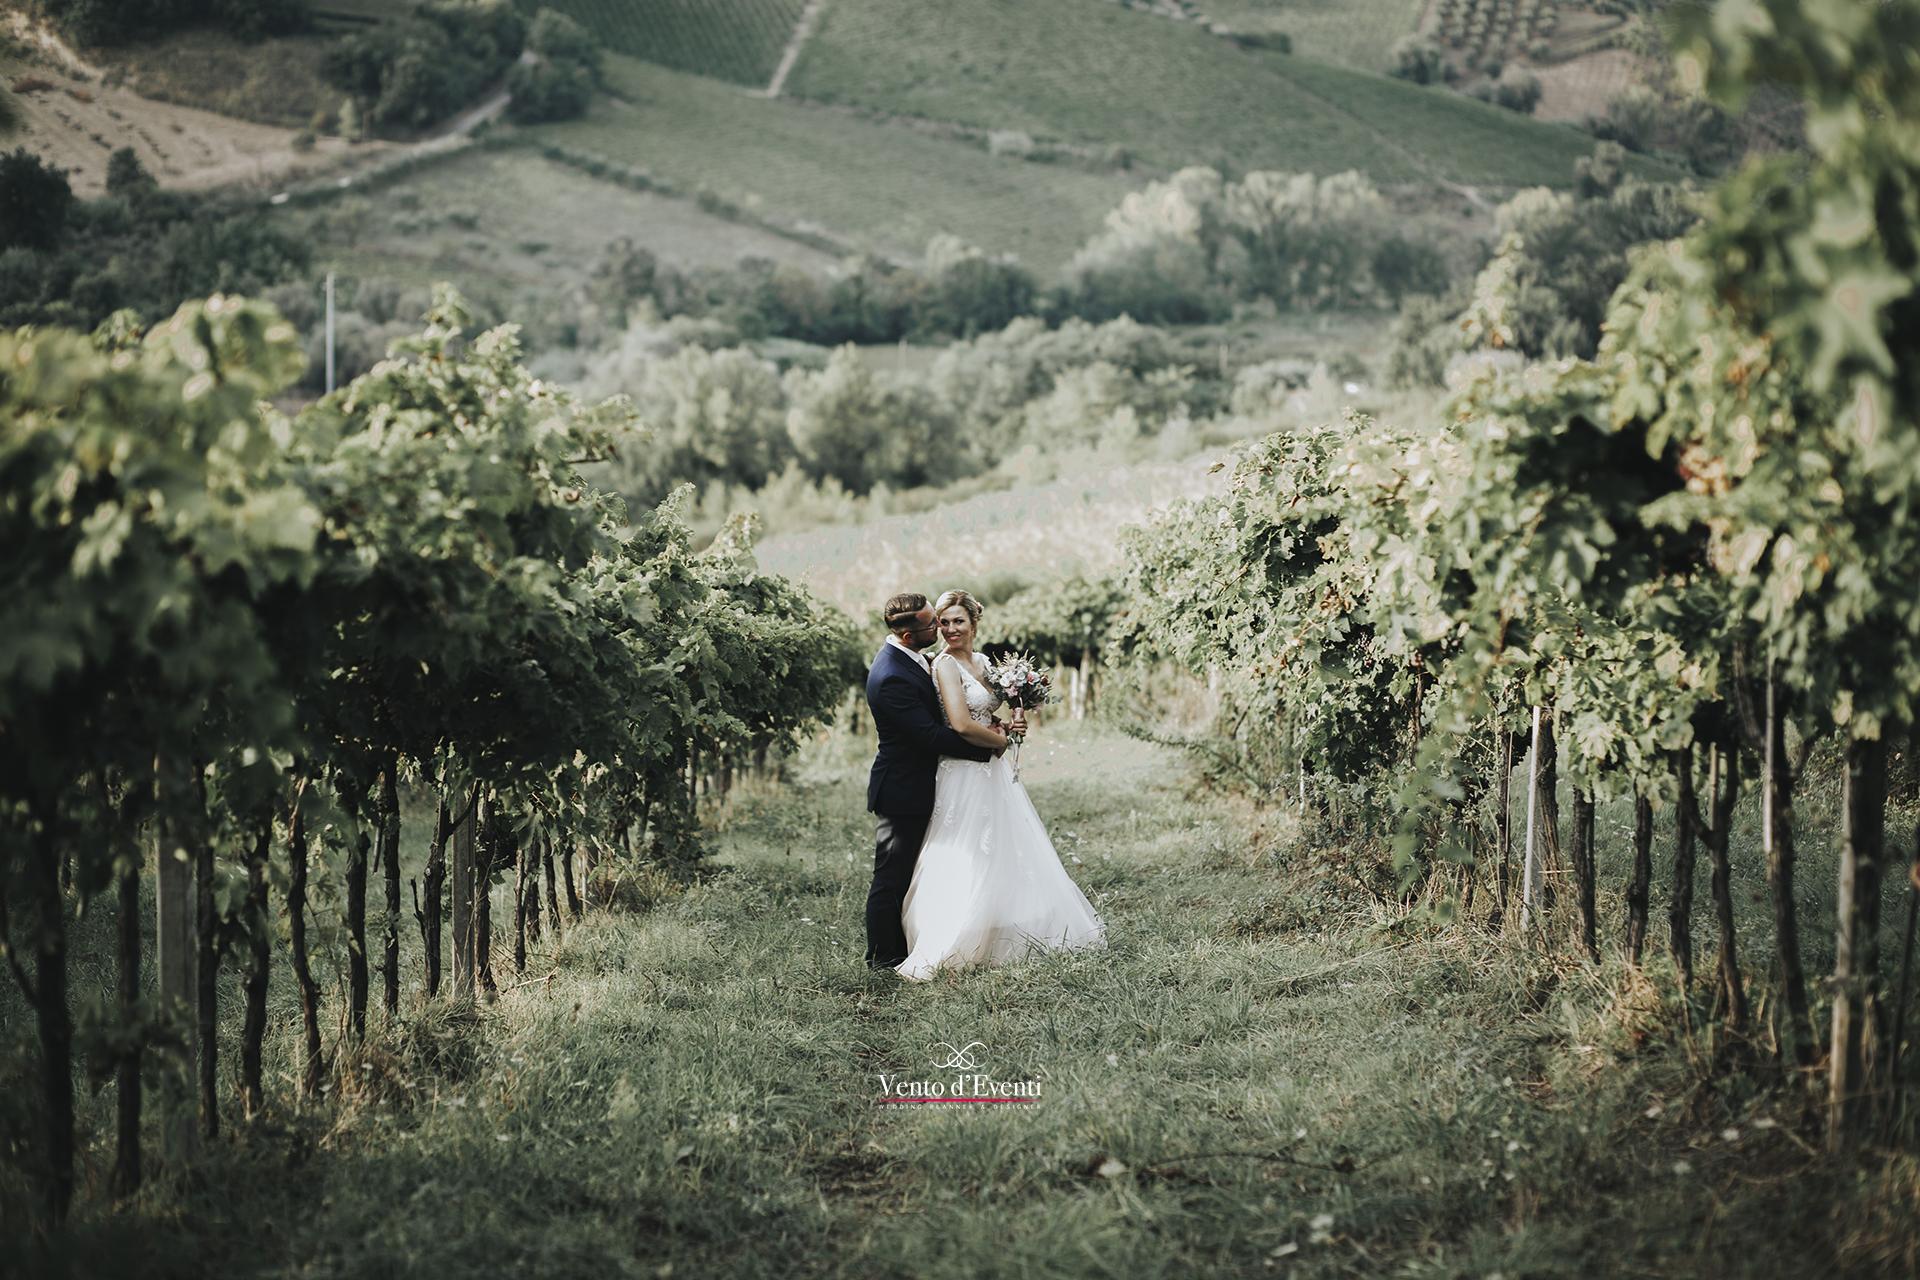 Matrimonio a distanza in Abruzzo? Ecco qualche dritta